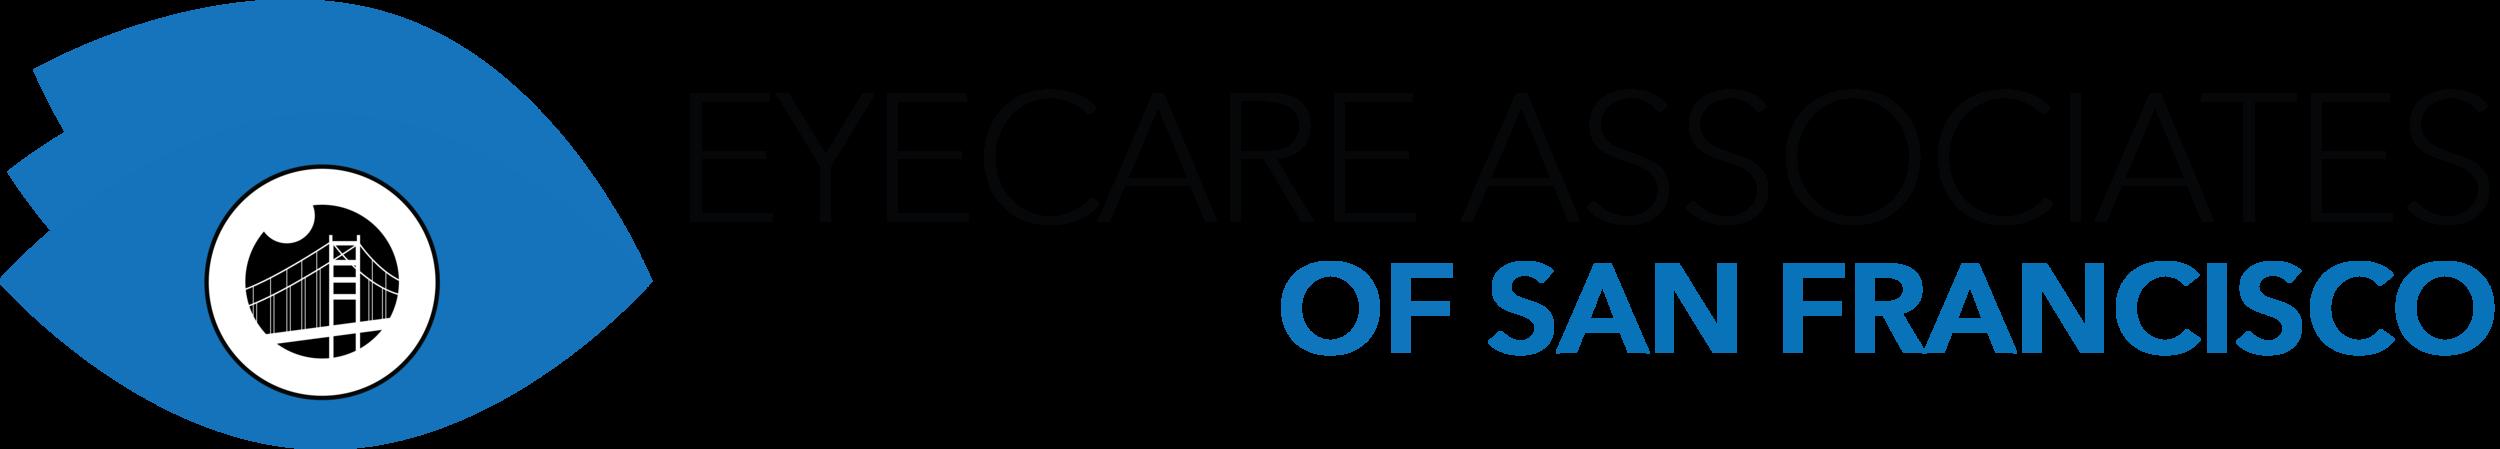 eyecare associates of san francisco logo